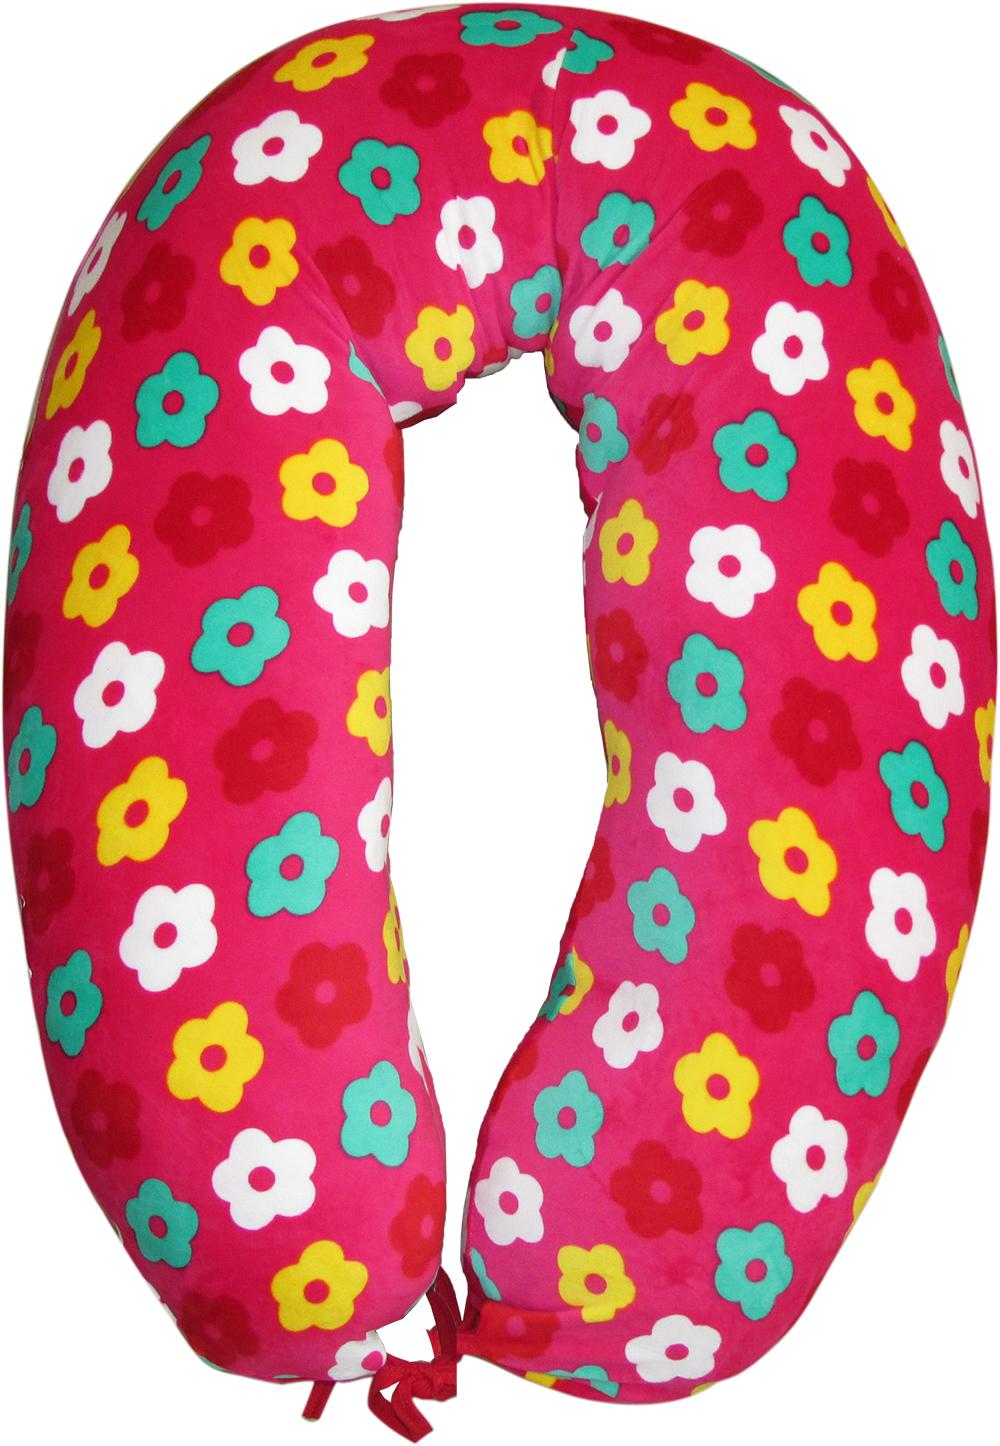 40 недель Подушка для кормящих и беременных цвет розовый желтый зеленый 190 смdogs_rose50Многофункциональная подушка с наполнителем из холлофайбера подходит для кормления и отдыха - обеспечивает комфорт мамы и малыша.В период беременности ее удобно использовать, подкладывая под живот или спину. Для уменьшения нагрузки на спину, плечи, руки и шею во время кормления расположите подушку вокруг талии. Для поддержания ребенка в различных положениях и зашиты его от падения, следует поместить малыша в центр подушки.Модель со съемным чехлом из хлопкового полотна (велюр).Размер 190 х 30 см.